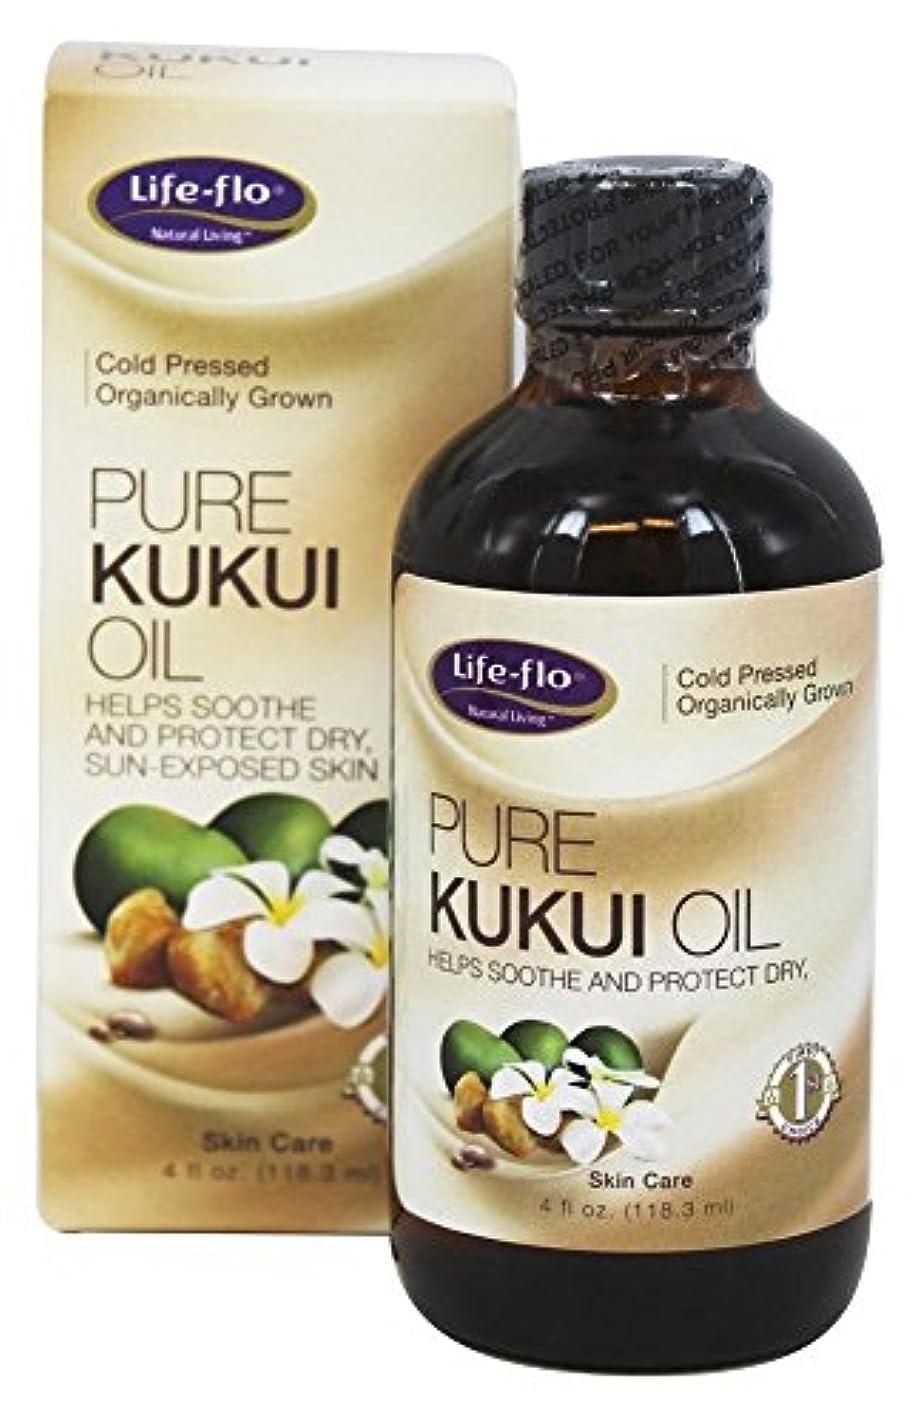 追放する潮気難しいLife-Flo - Pure Kukuiオイル - 4ポンド [並行輸入品]